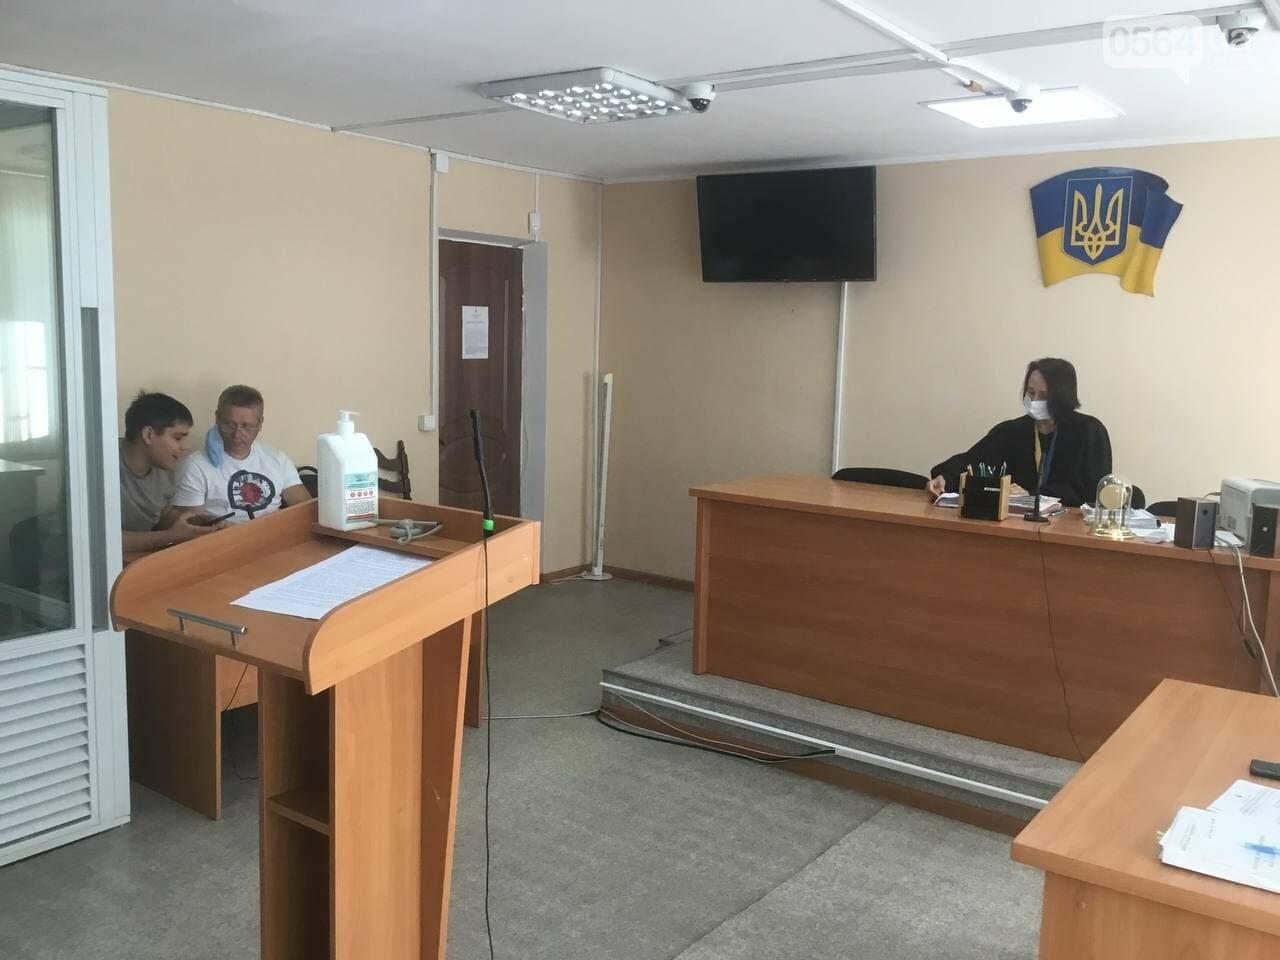 Муниципальный гвардеец против активиста: в суде заявили ходатайства о реагировании на противозаконные действия полицейских, - ФОТО, ВИДЕО, фото-2